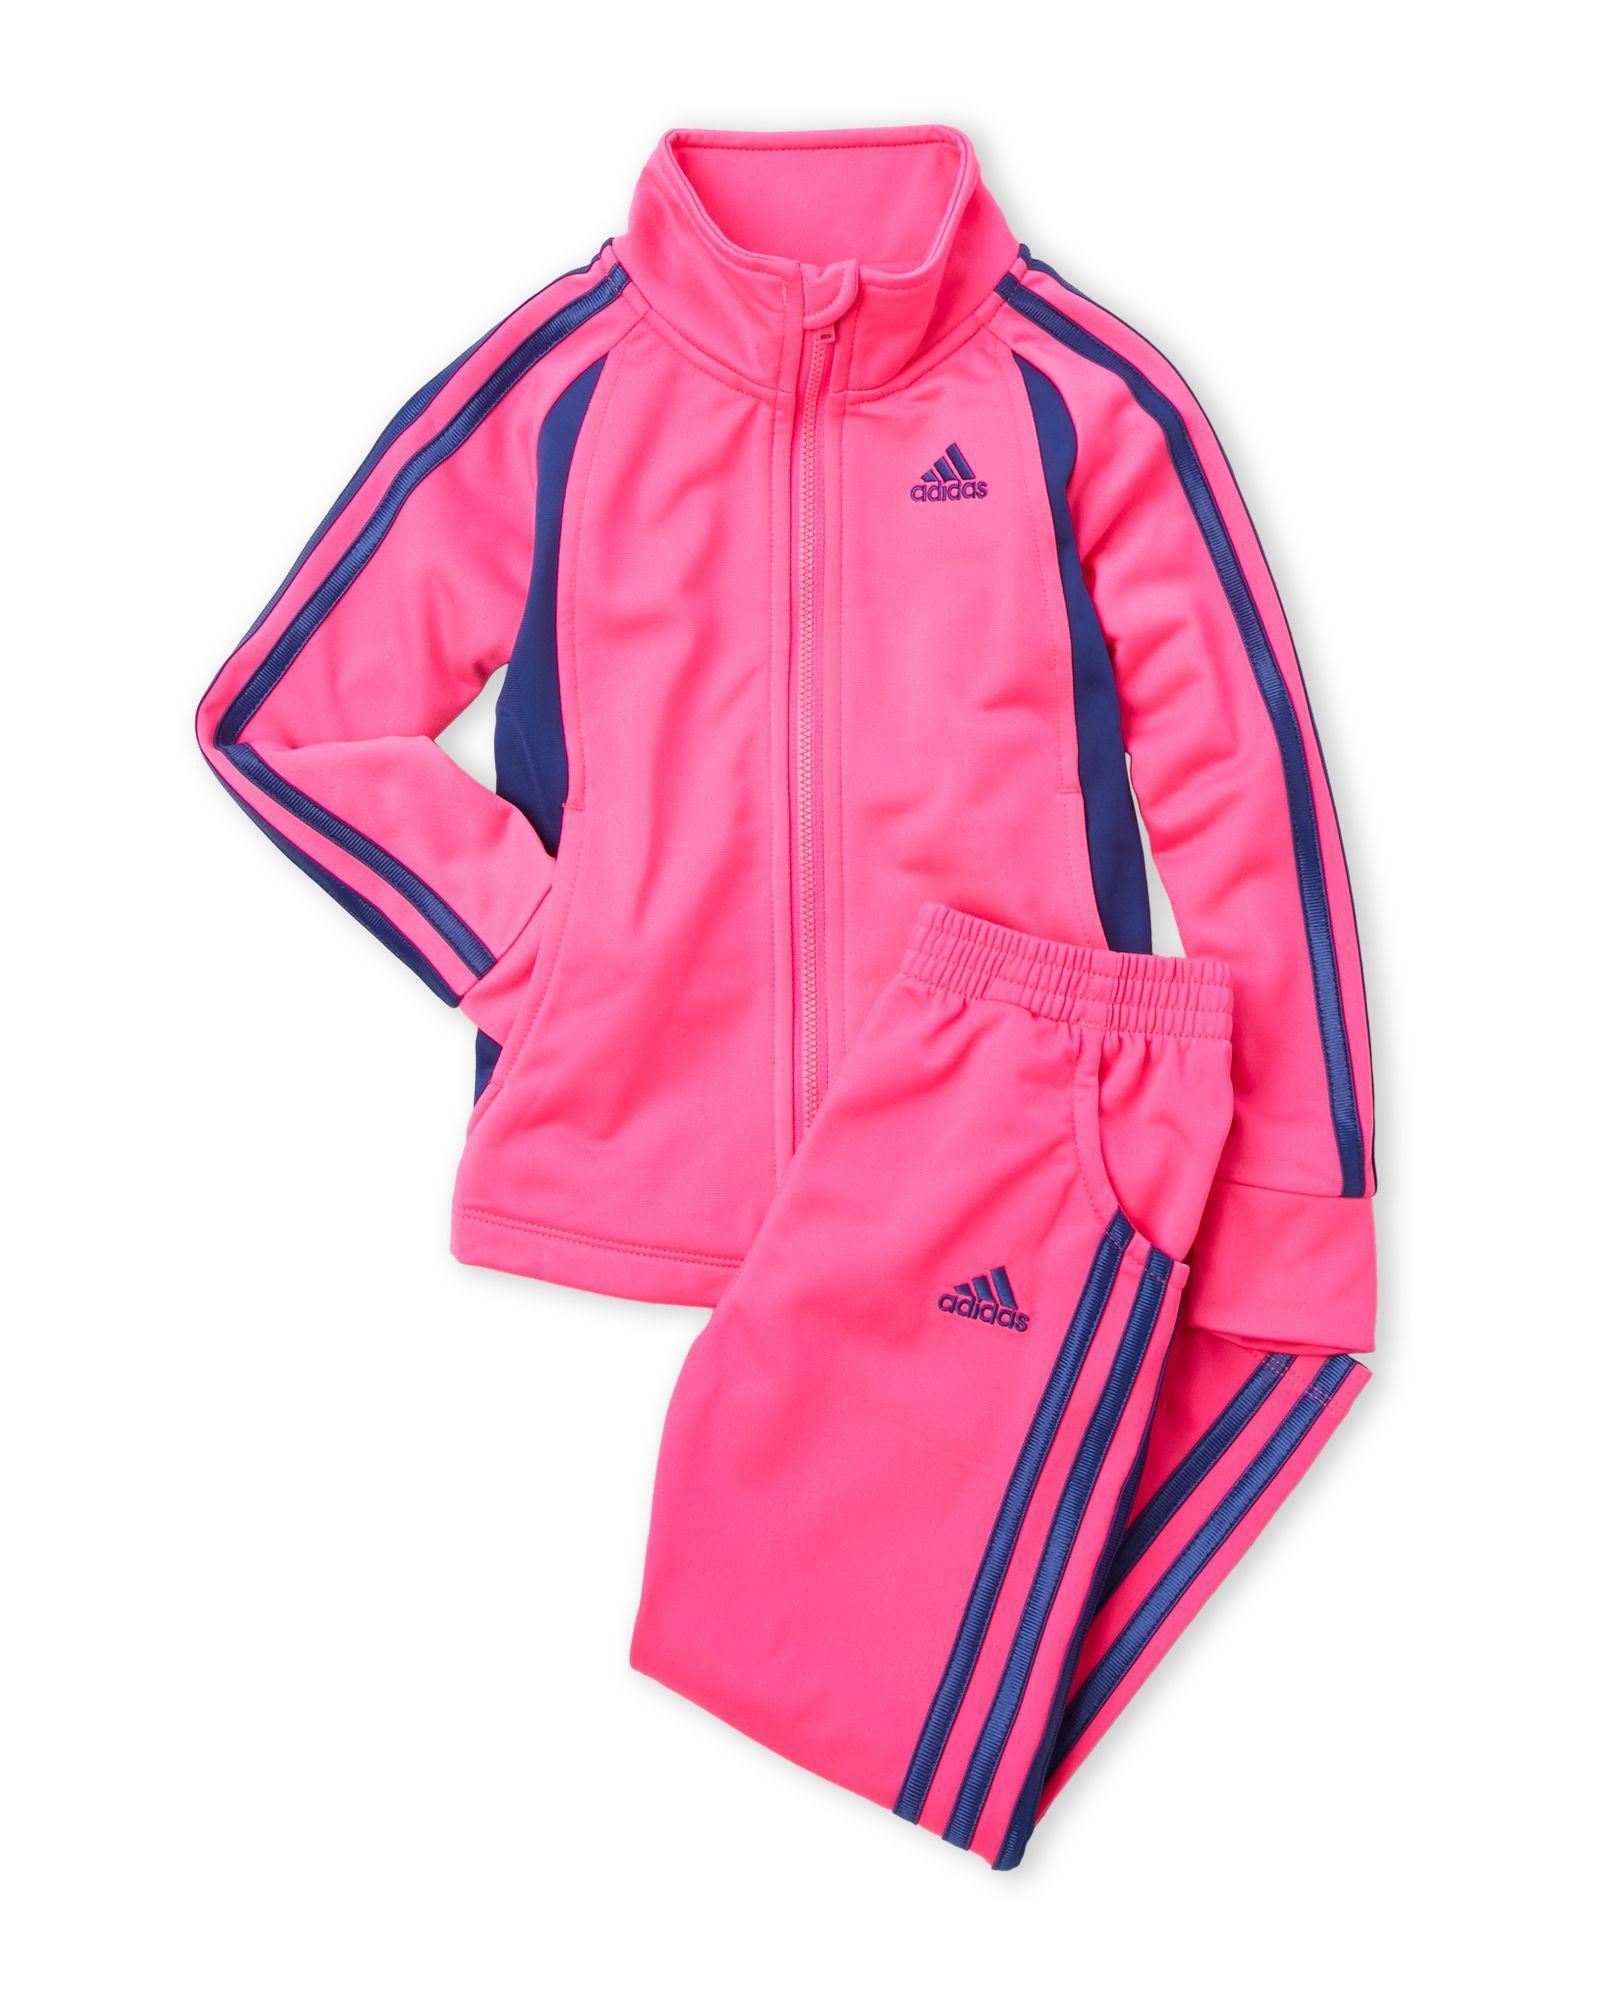 Adidas (chicas 4 6x) dos piezas de prendas de tricot chándal rosa